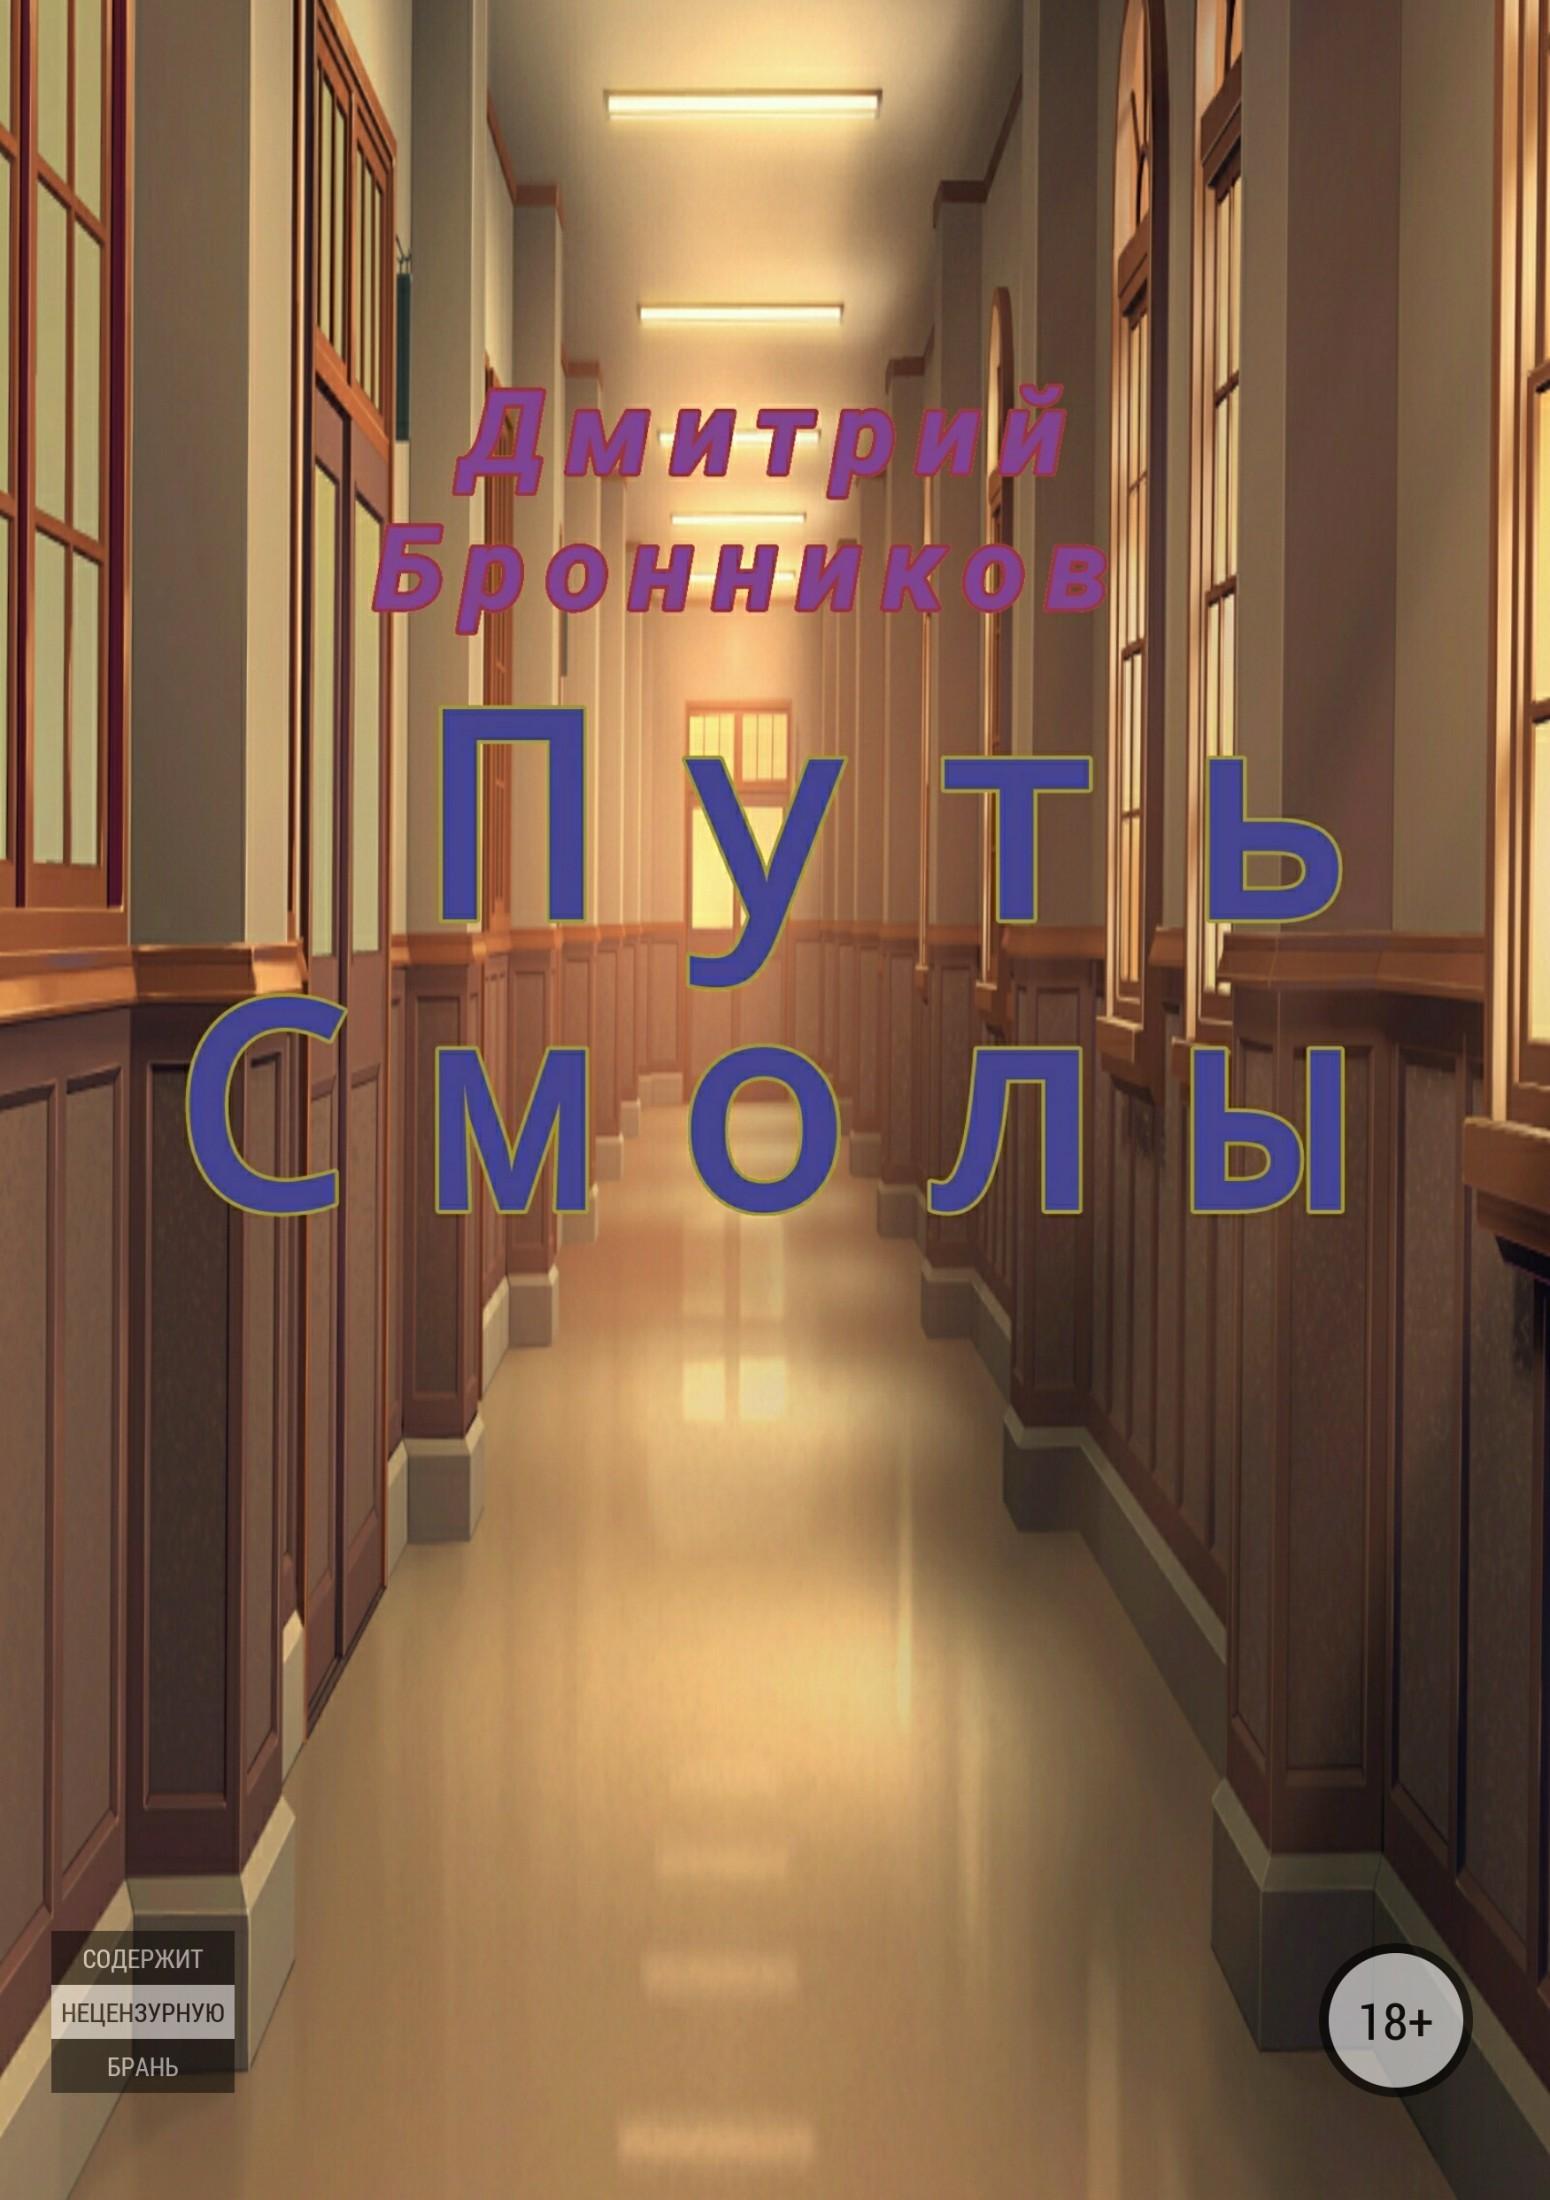 Дмитрий Леонидович Бронников Путь Смолы